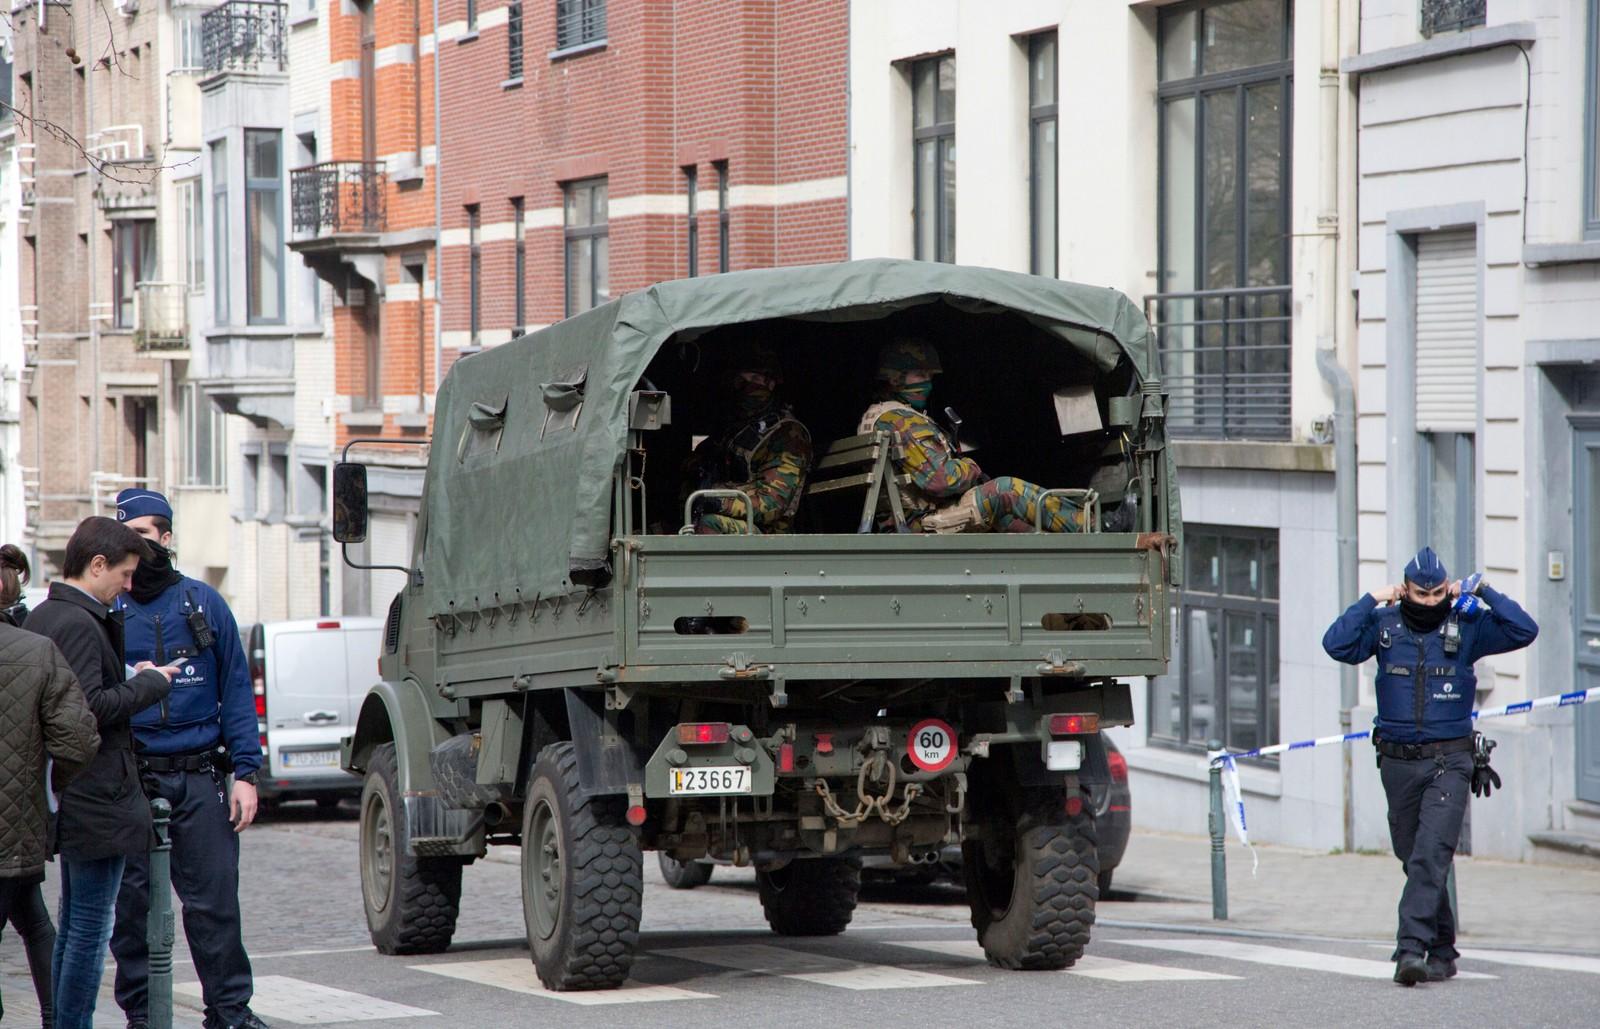 Et militærkjøretøy med belgiske soldater ankommer T-banestasjonen sentralt i Brussel der den andre eksplosjonen fant sted tirsdag morgen. Flere titalls personer skal være drept også her.